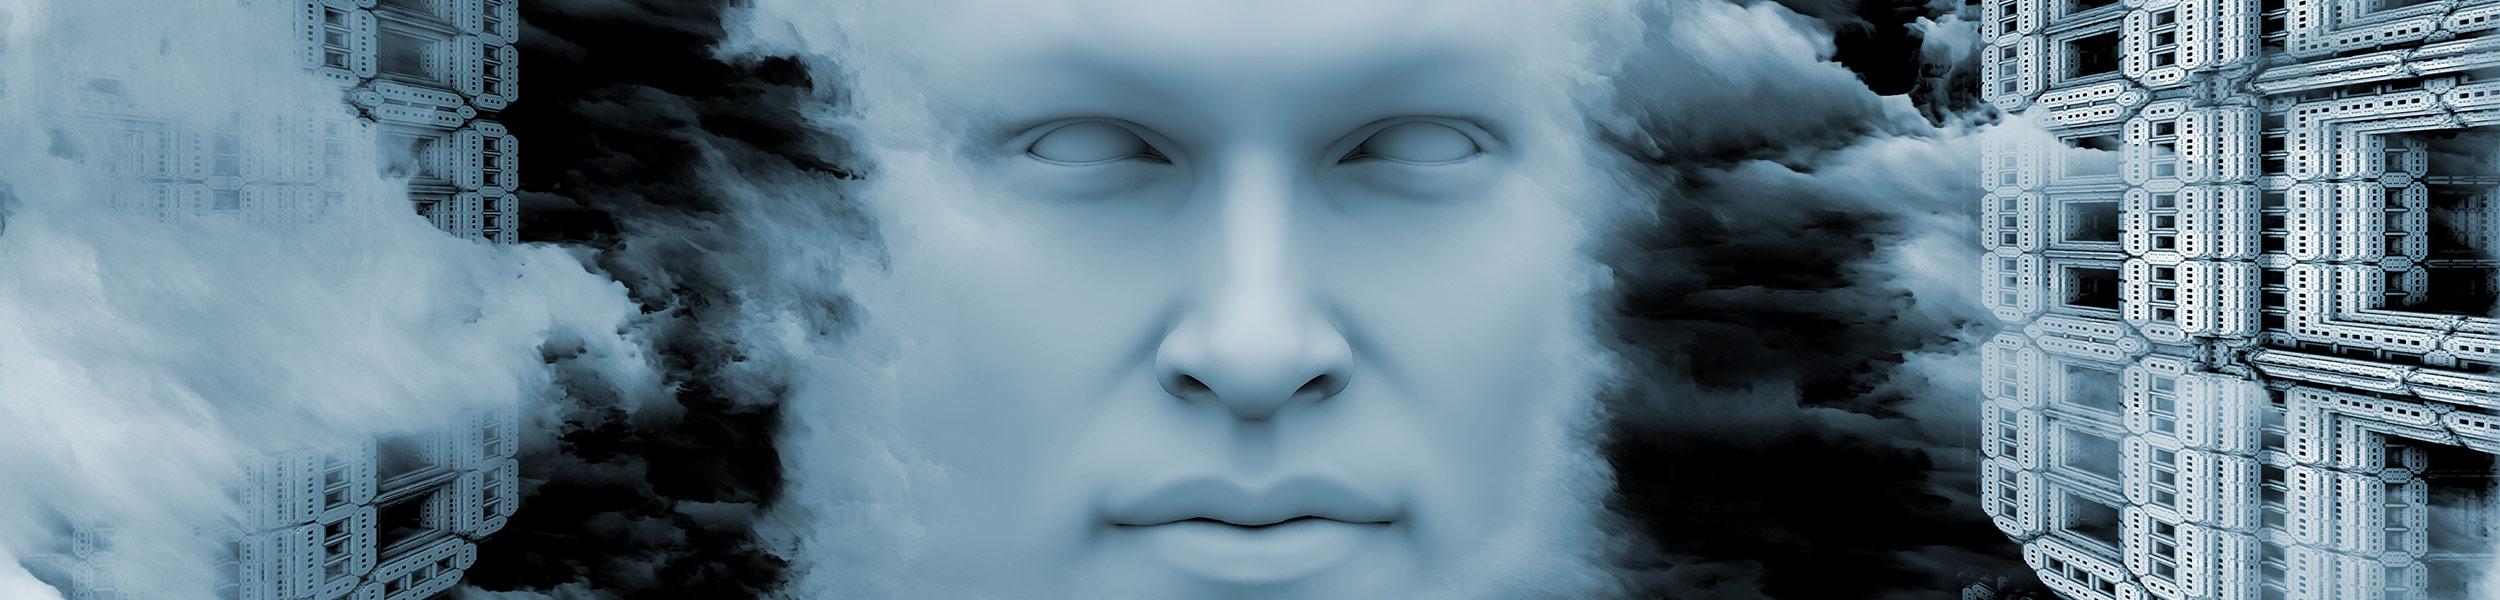 Bilde av et mystisk ansikt som illustrerer AI teknologi.